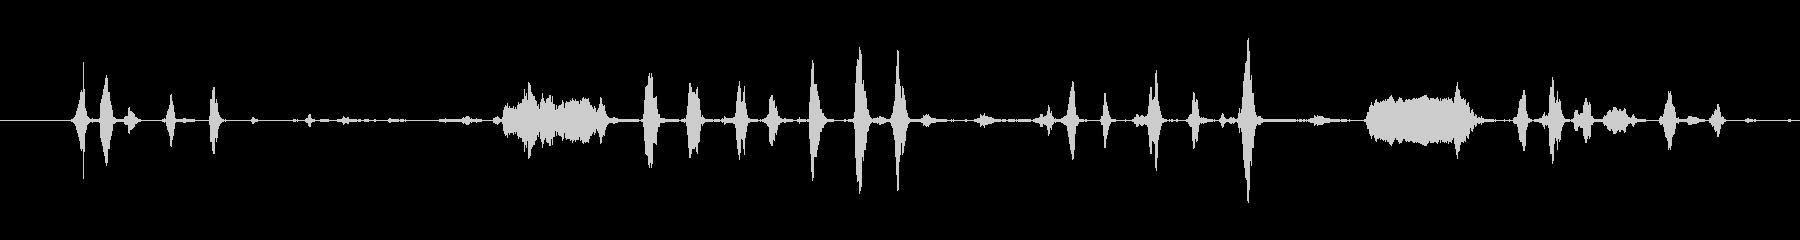 鶏 マルチカックルアップセット01の未再生の波形